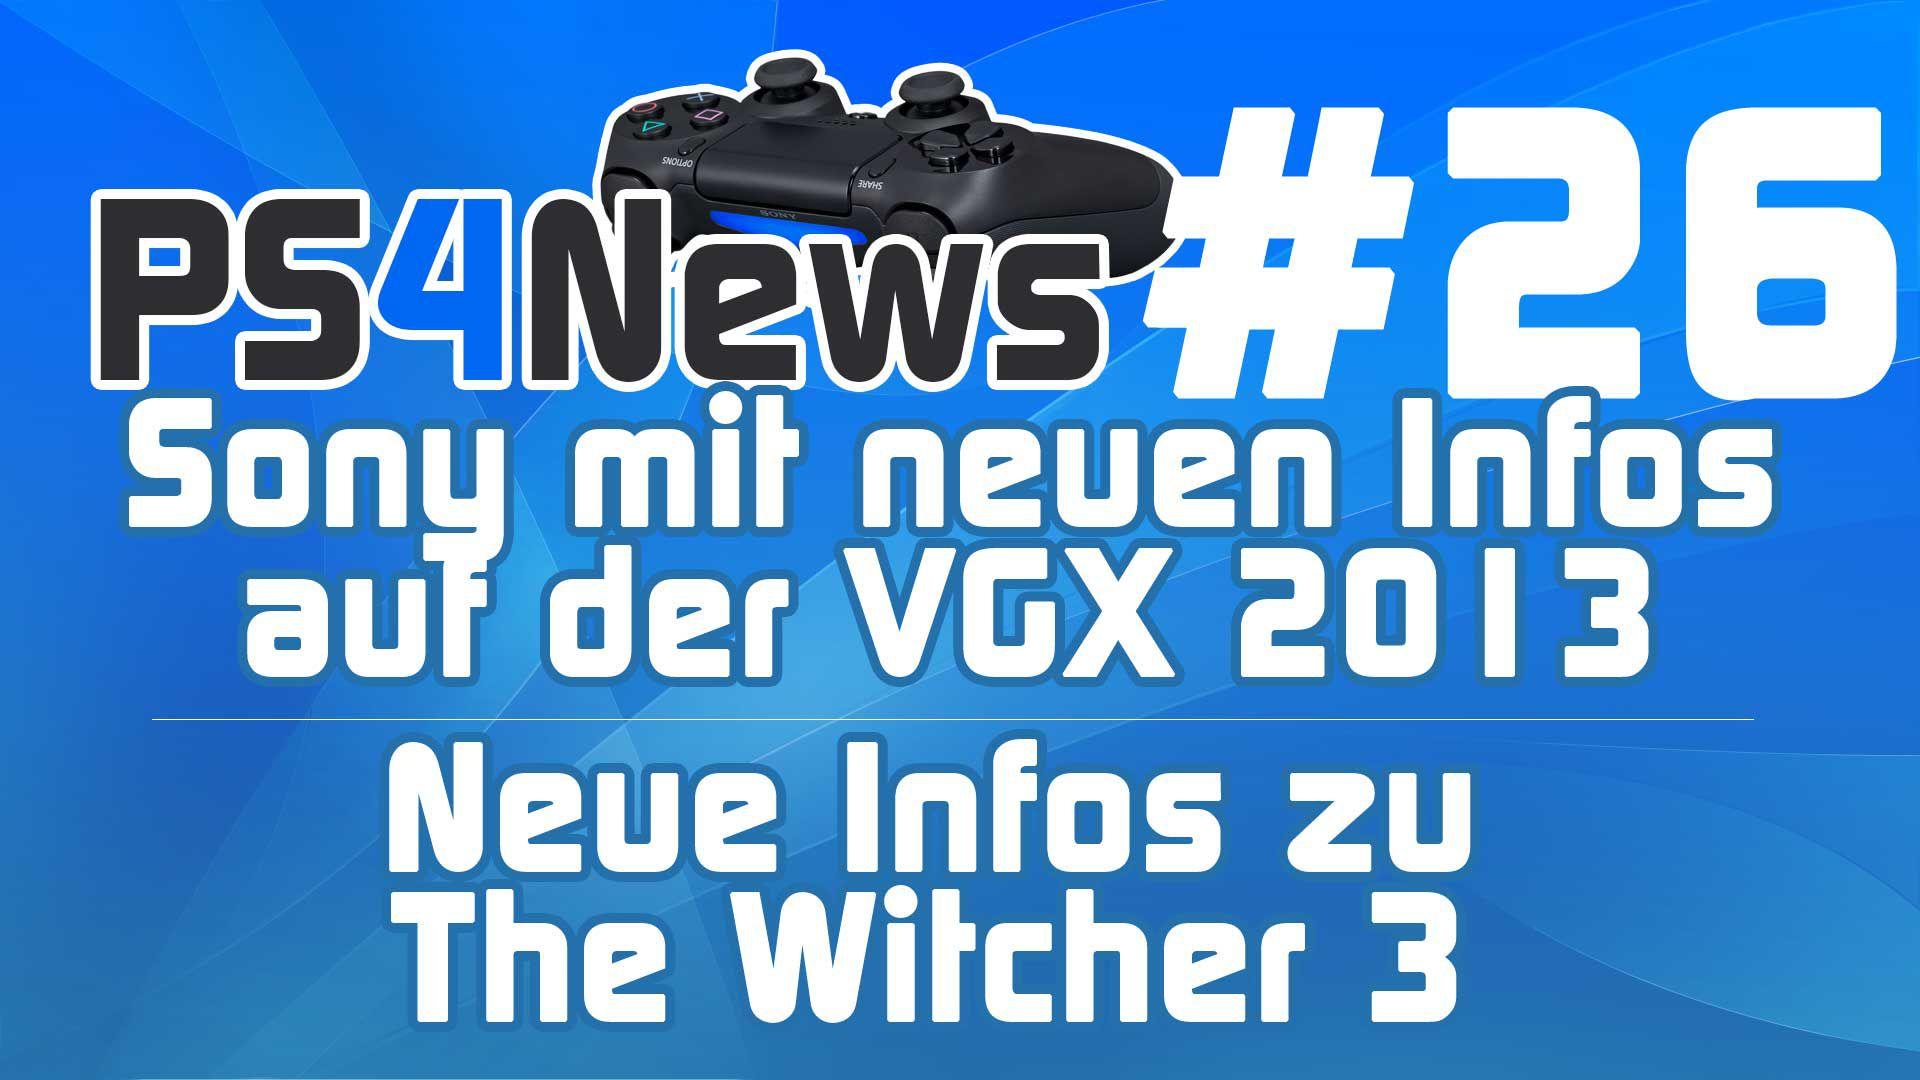 Sony mit neuen Infos auf der VGX 2013, neue Infos zu The Witcher 3, GIFs zum Start der PS4 uvm.